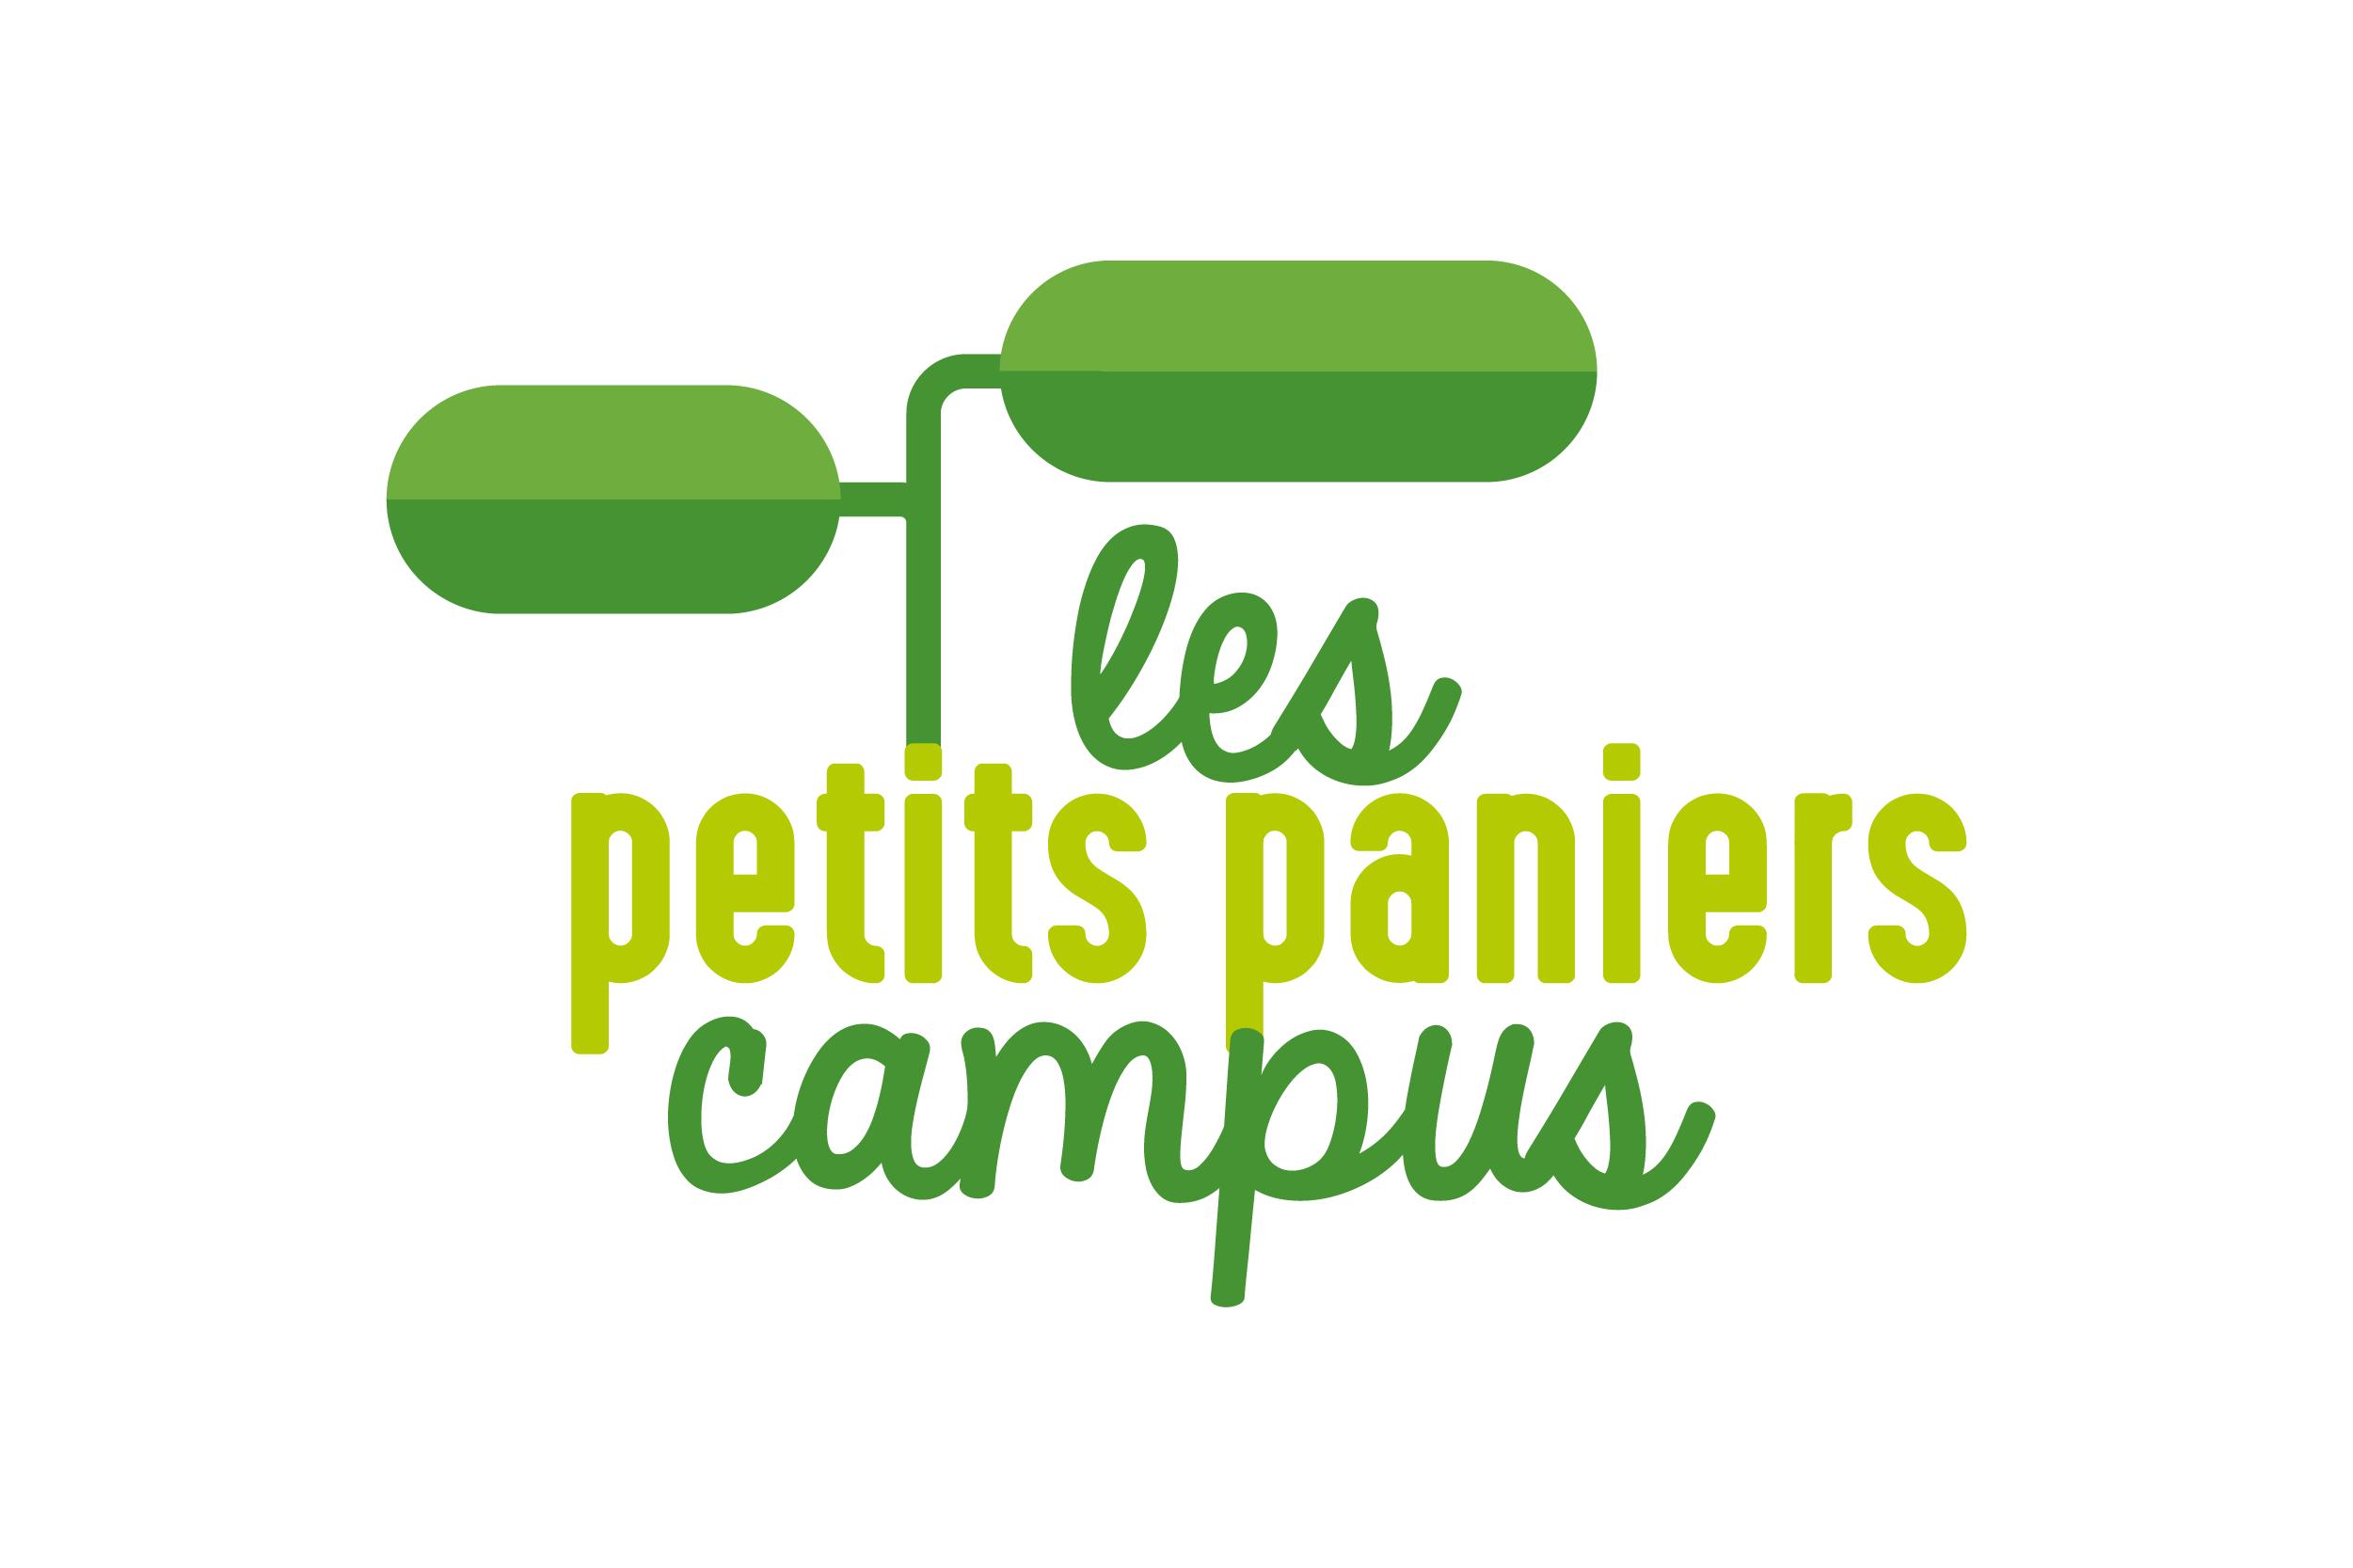 Petitspaniers_logo